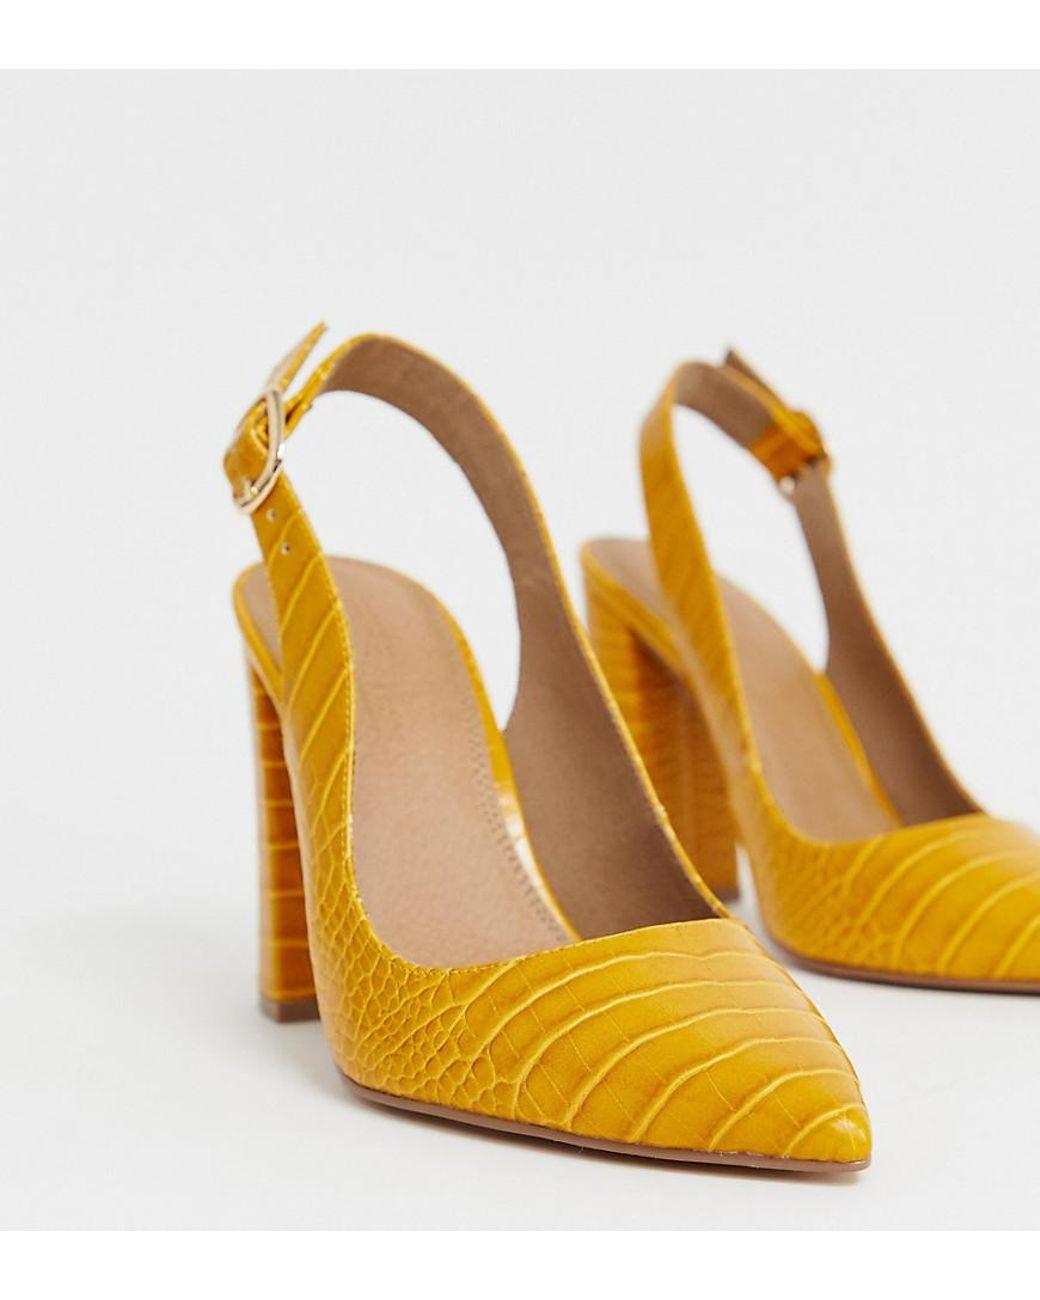 Wide Fit Penley Slingback High Heels In Croc Print